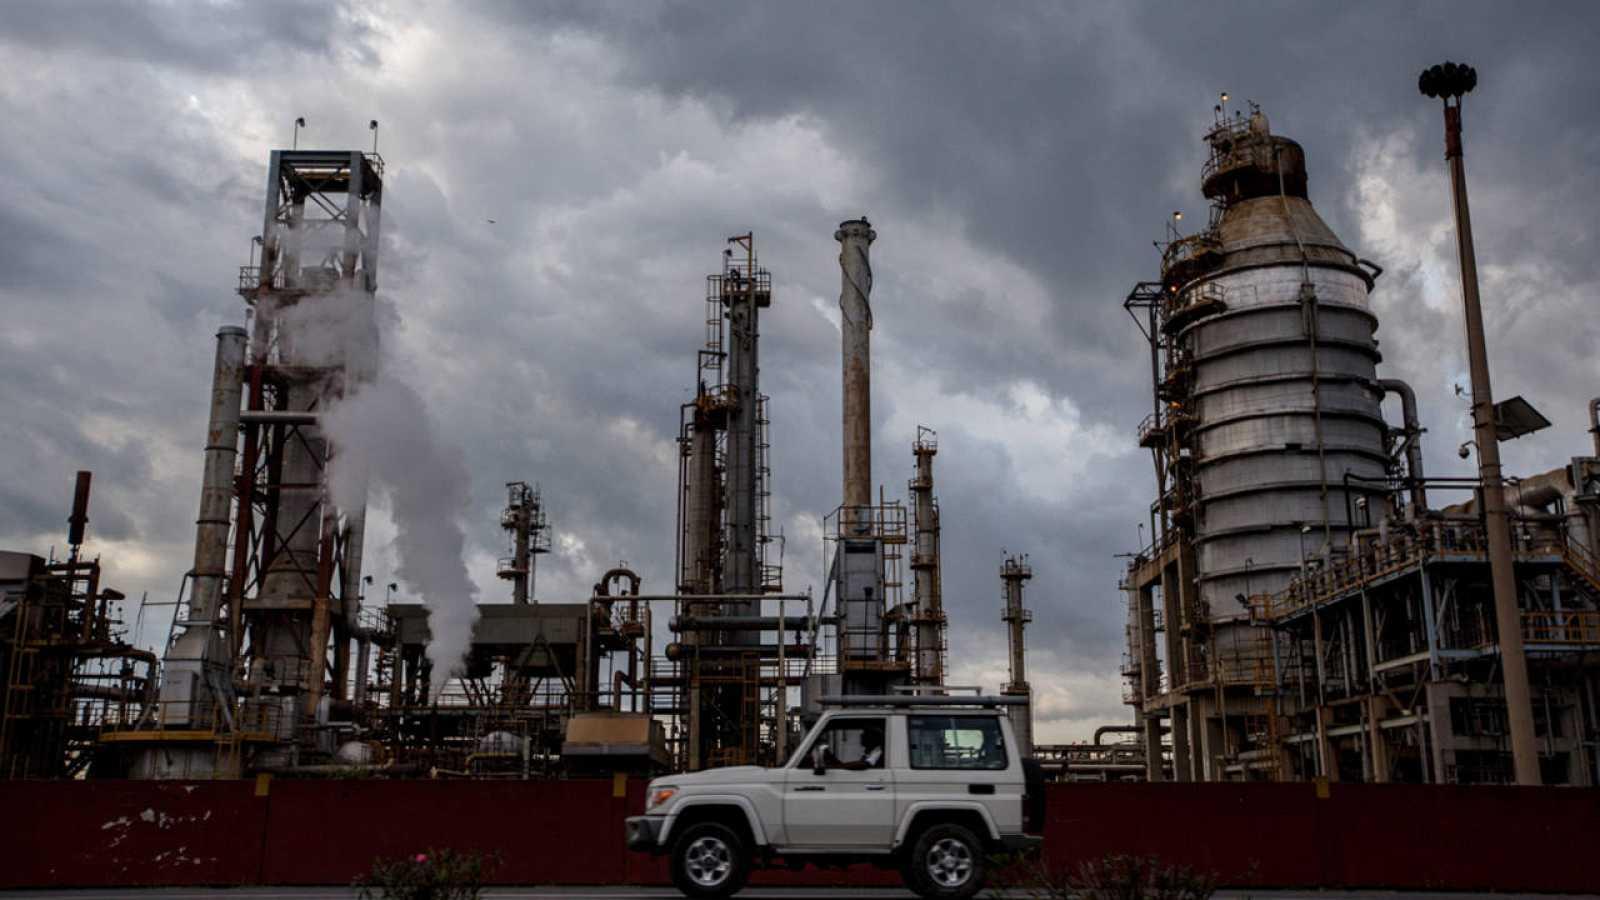 Un automóvil pasa frente a la refinería El Palito, ubicada en el estado Carabobo (Venezuela)